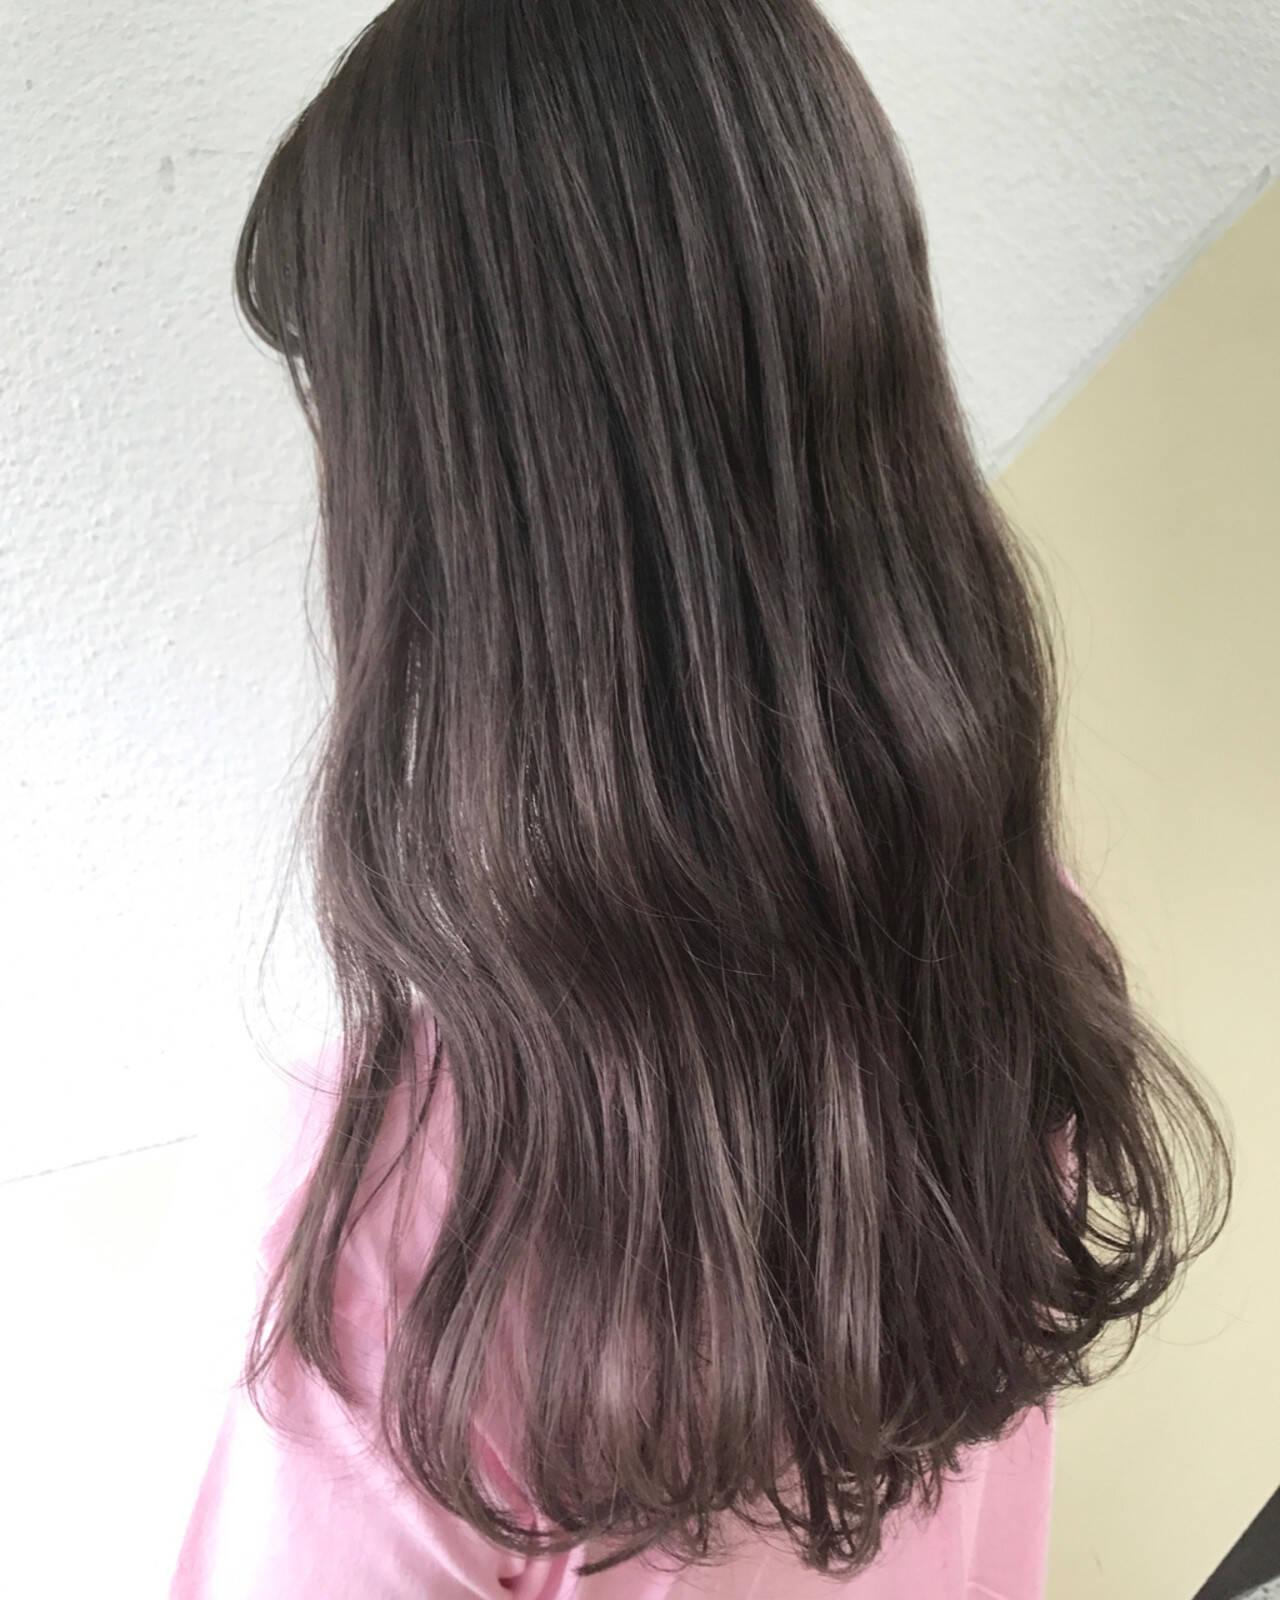 ダブルカラー ラベンダーアッシュ ストリート ロングヘアスタイルや髪型の写真・画像